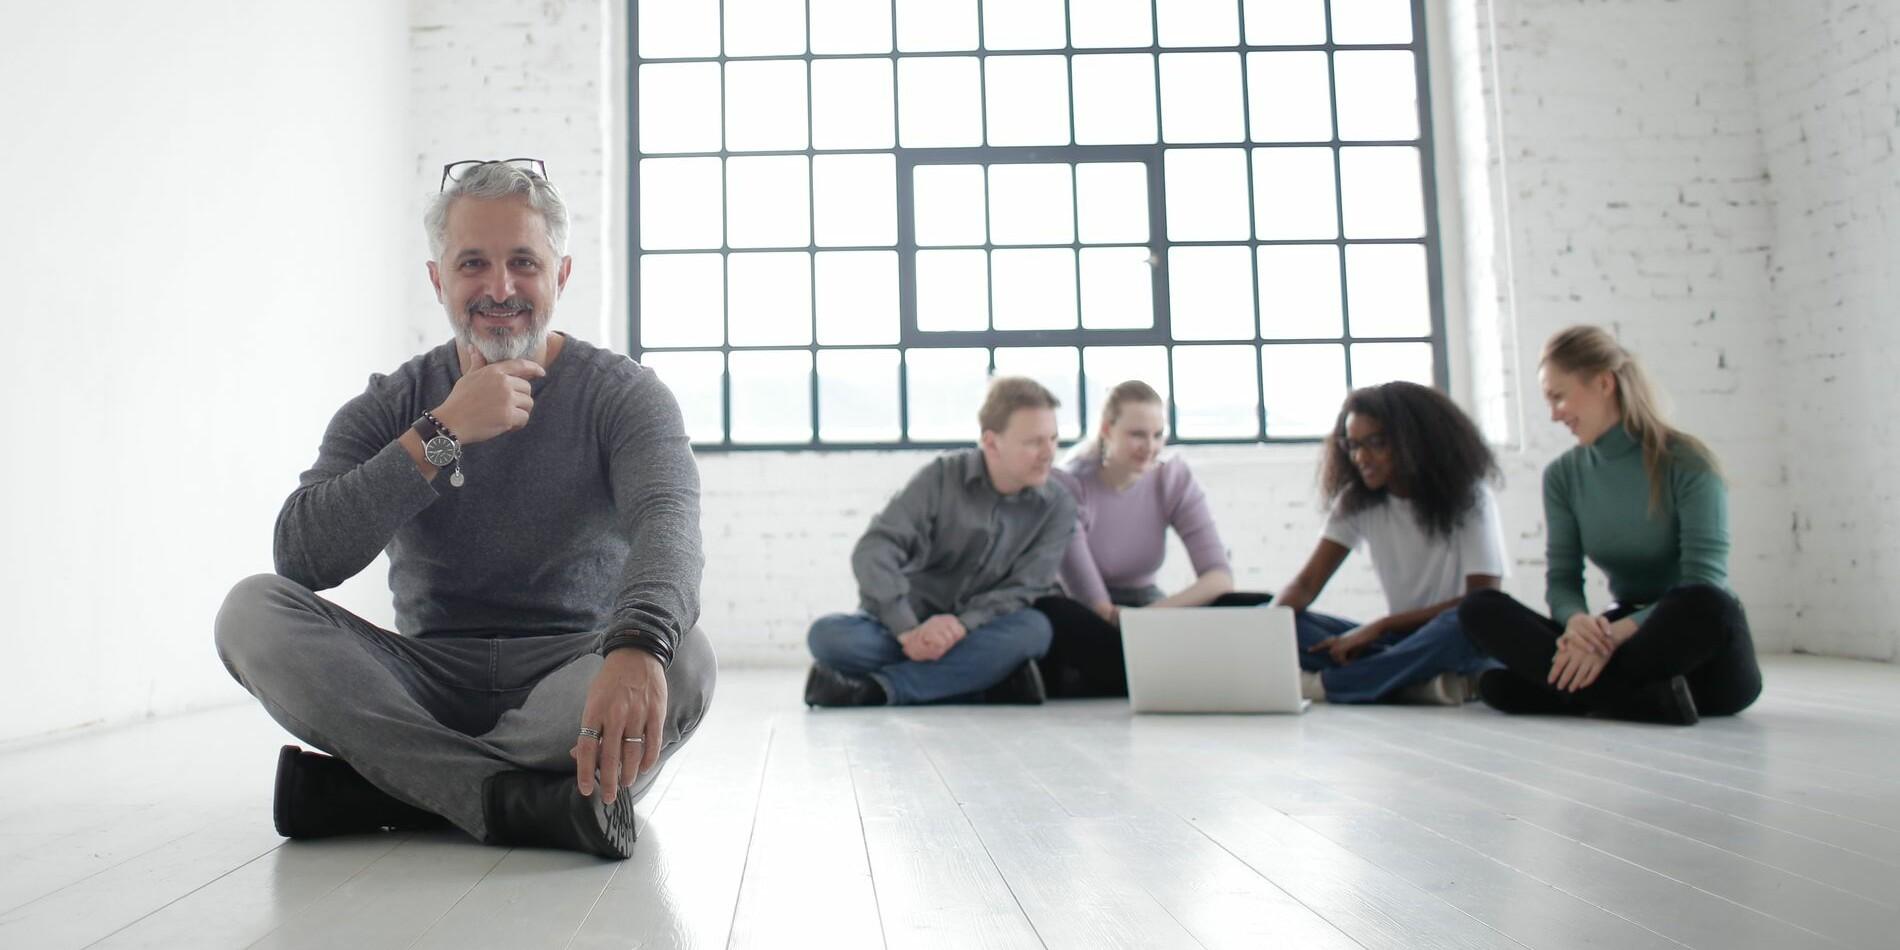 Fünf Leute sitzen auf dem Boden um einen Laptop herum.